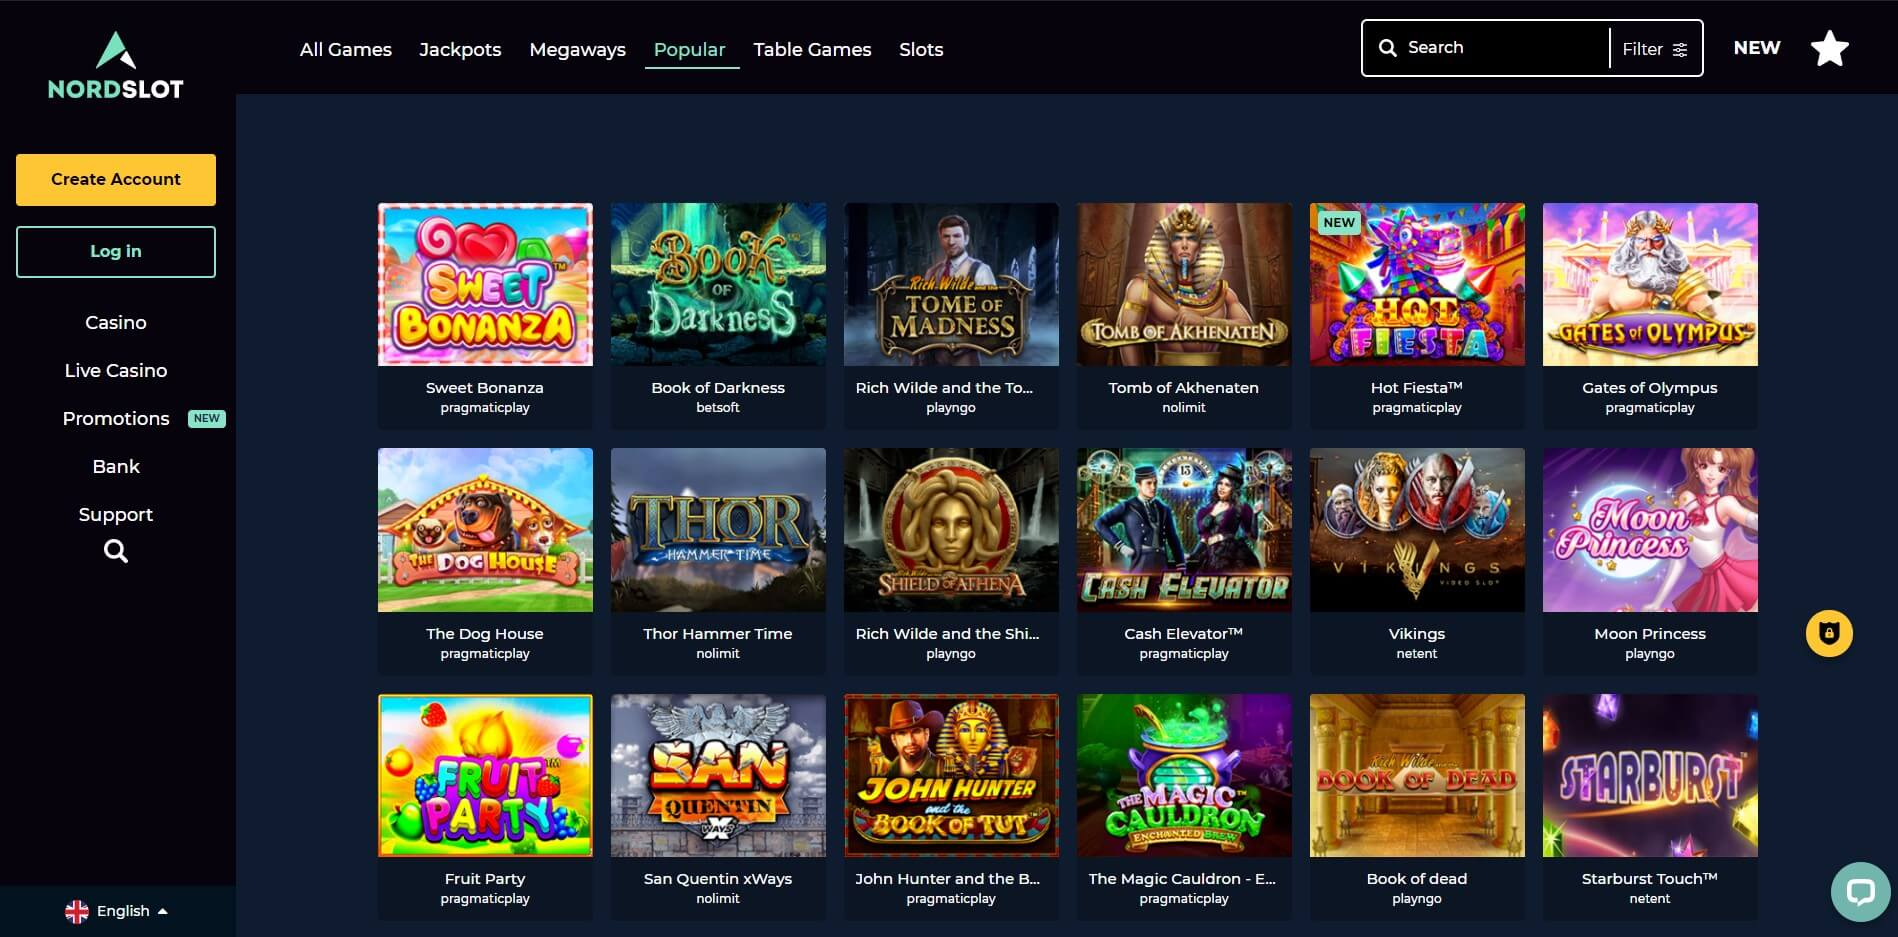 Games at NordSlot Casino